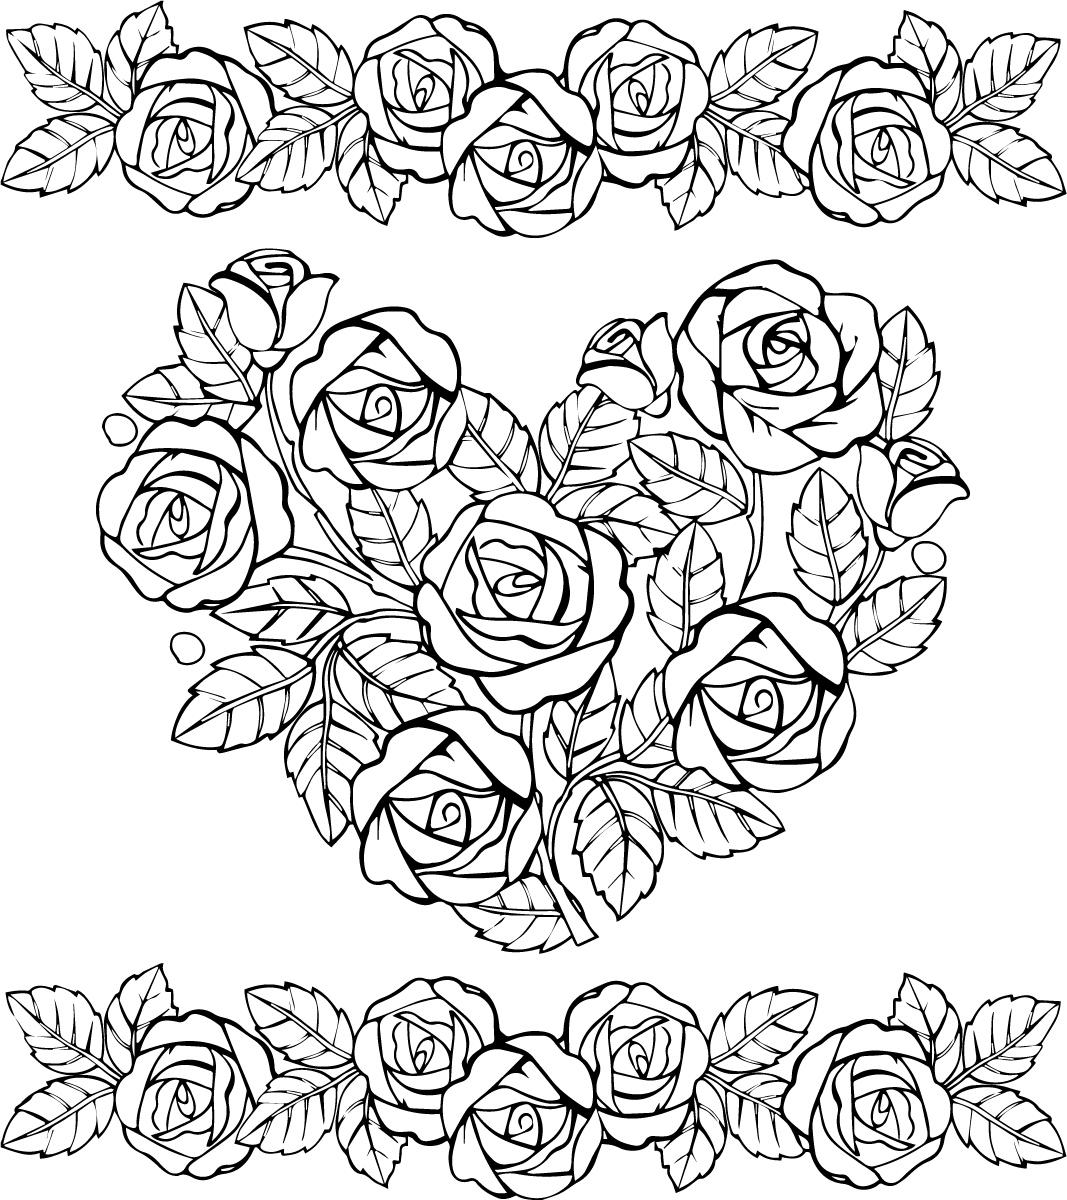 Раскраски антистресс хорошего качества «Сердце и красивые розы», чтобы распечатать